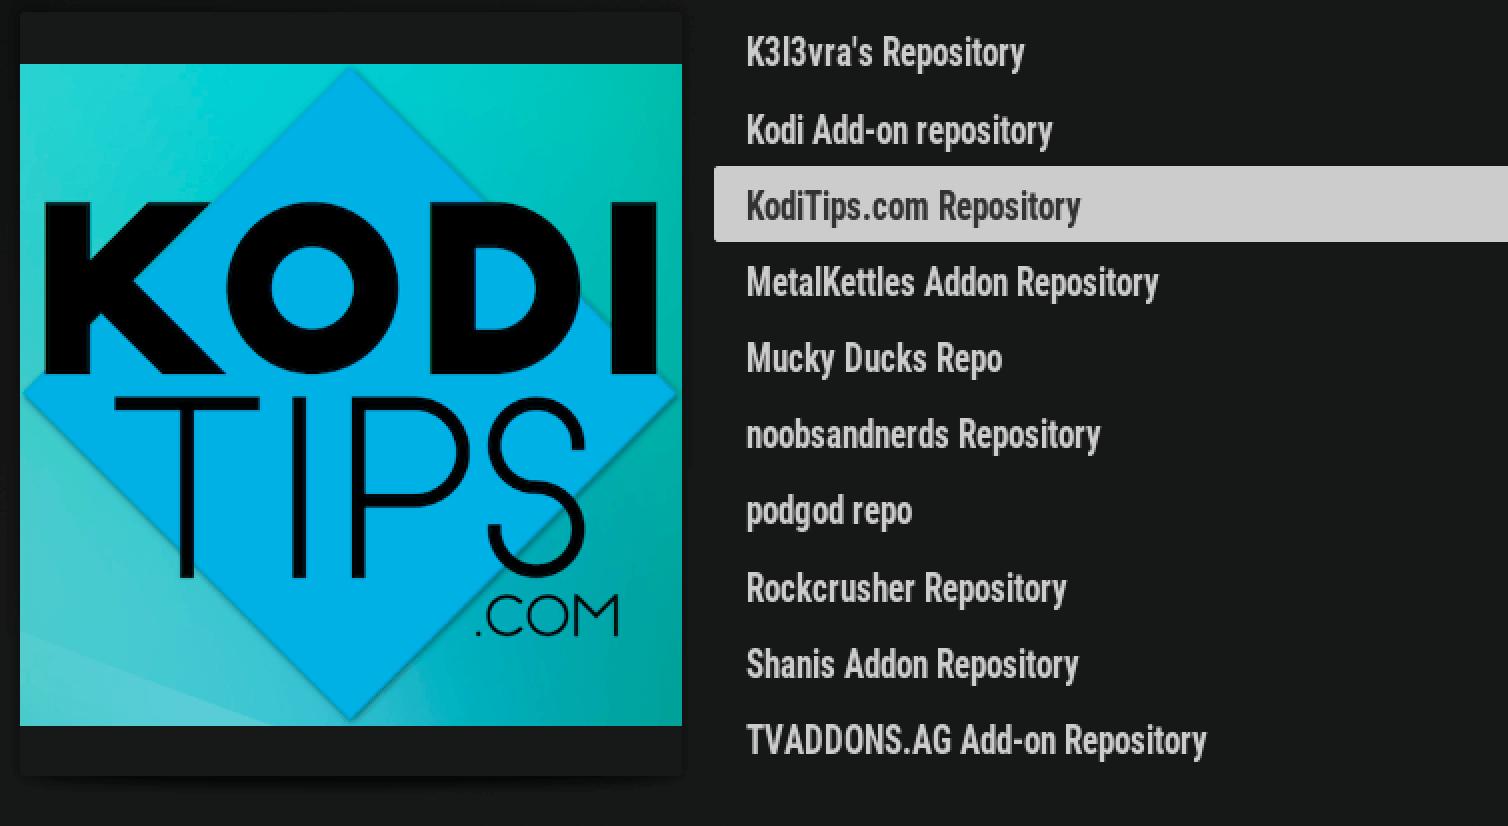 kodi addons taken offline